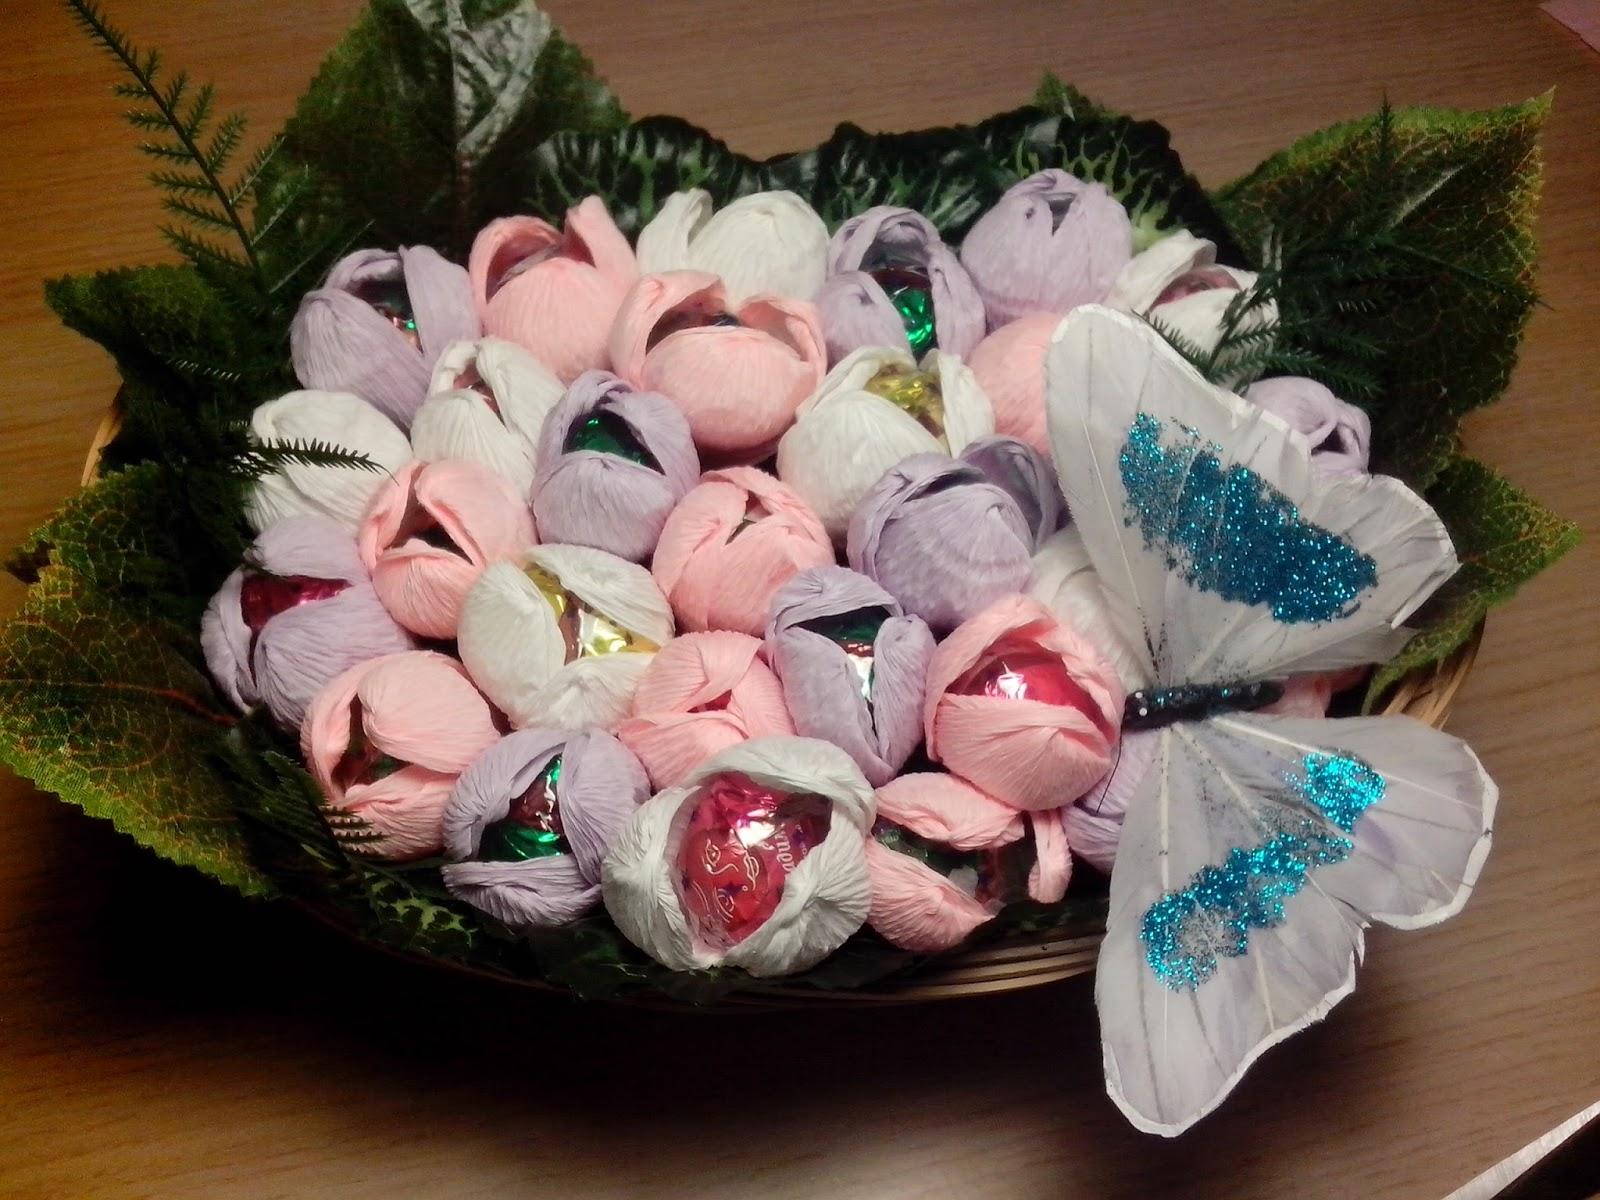 Как сделать букет из гофрированной бумаги своими руками с конфетами